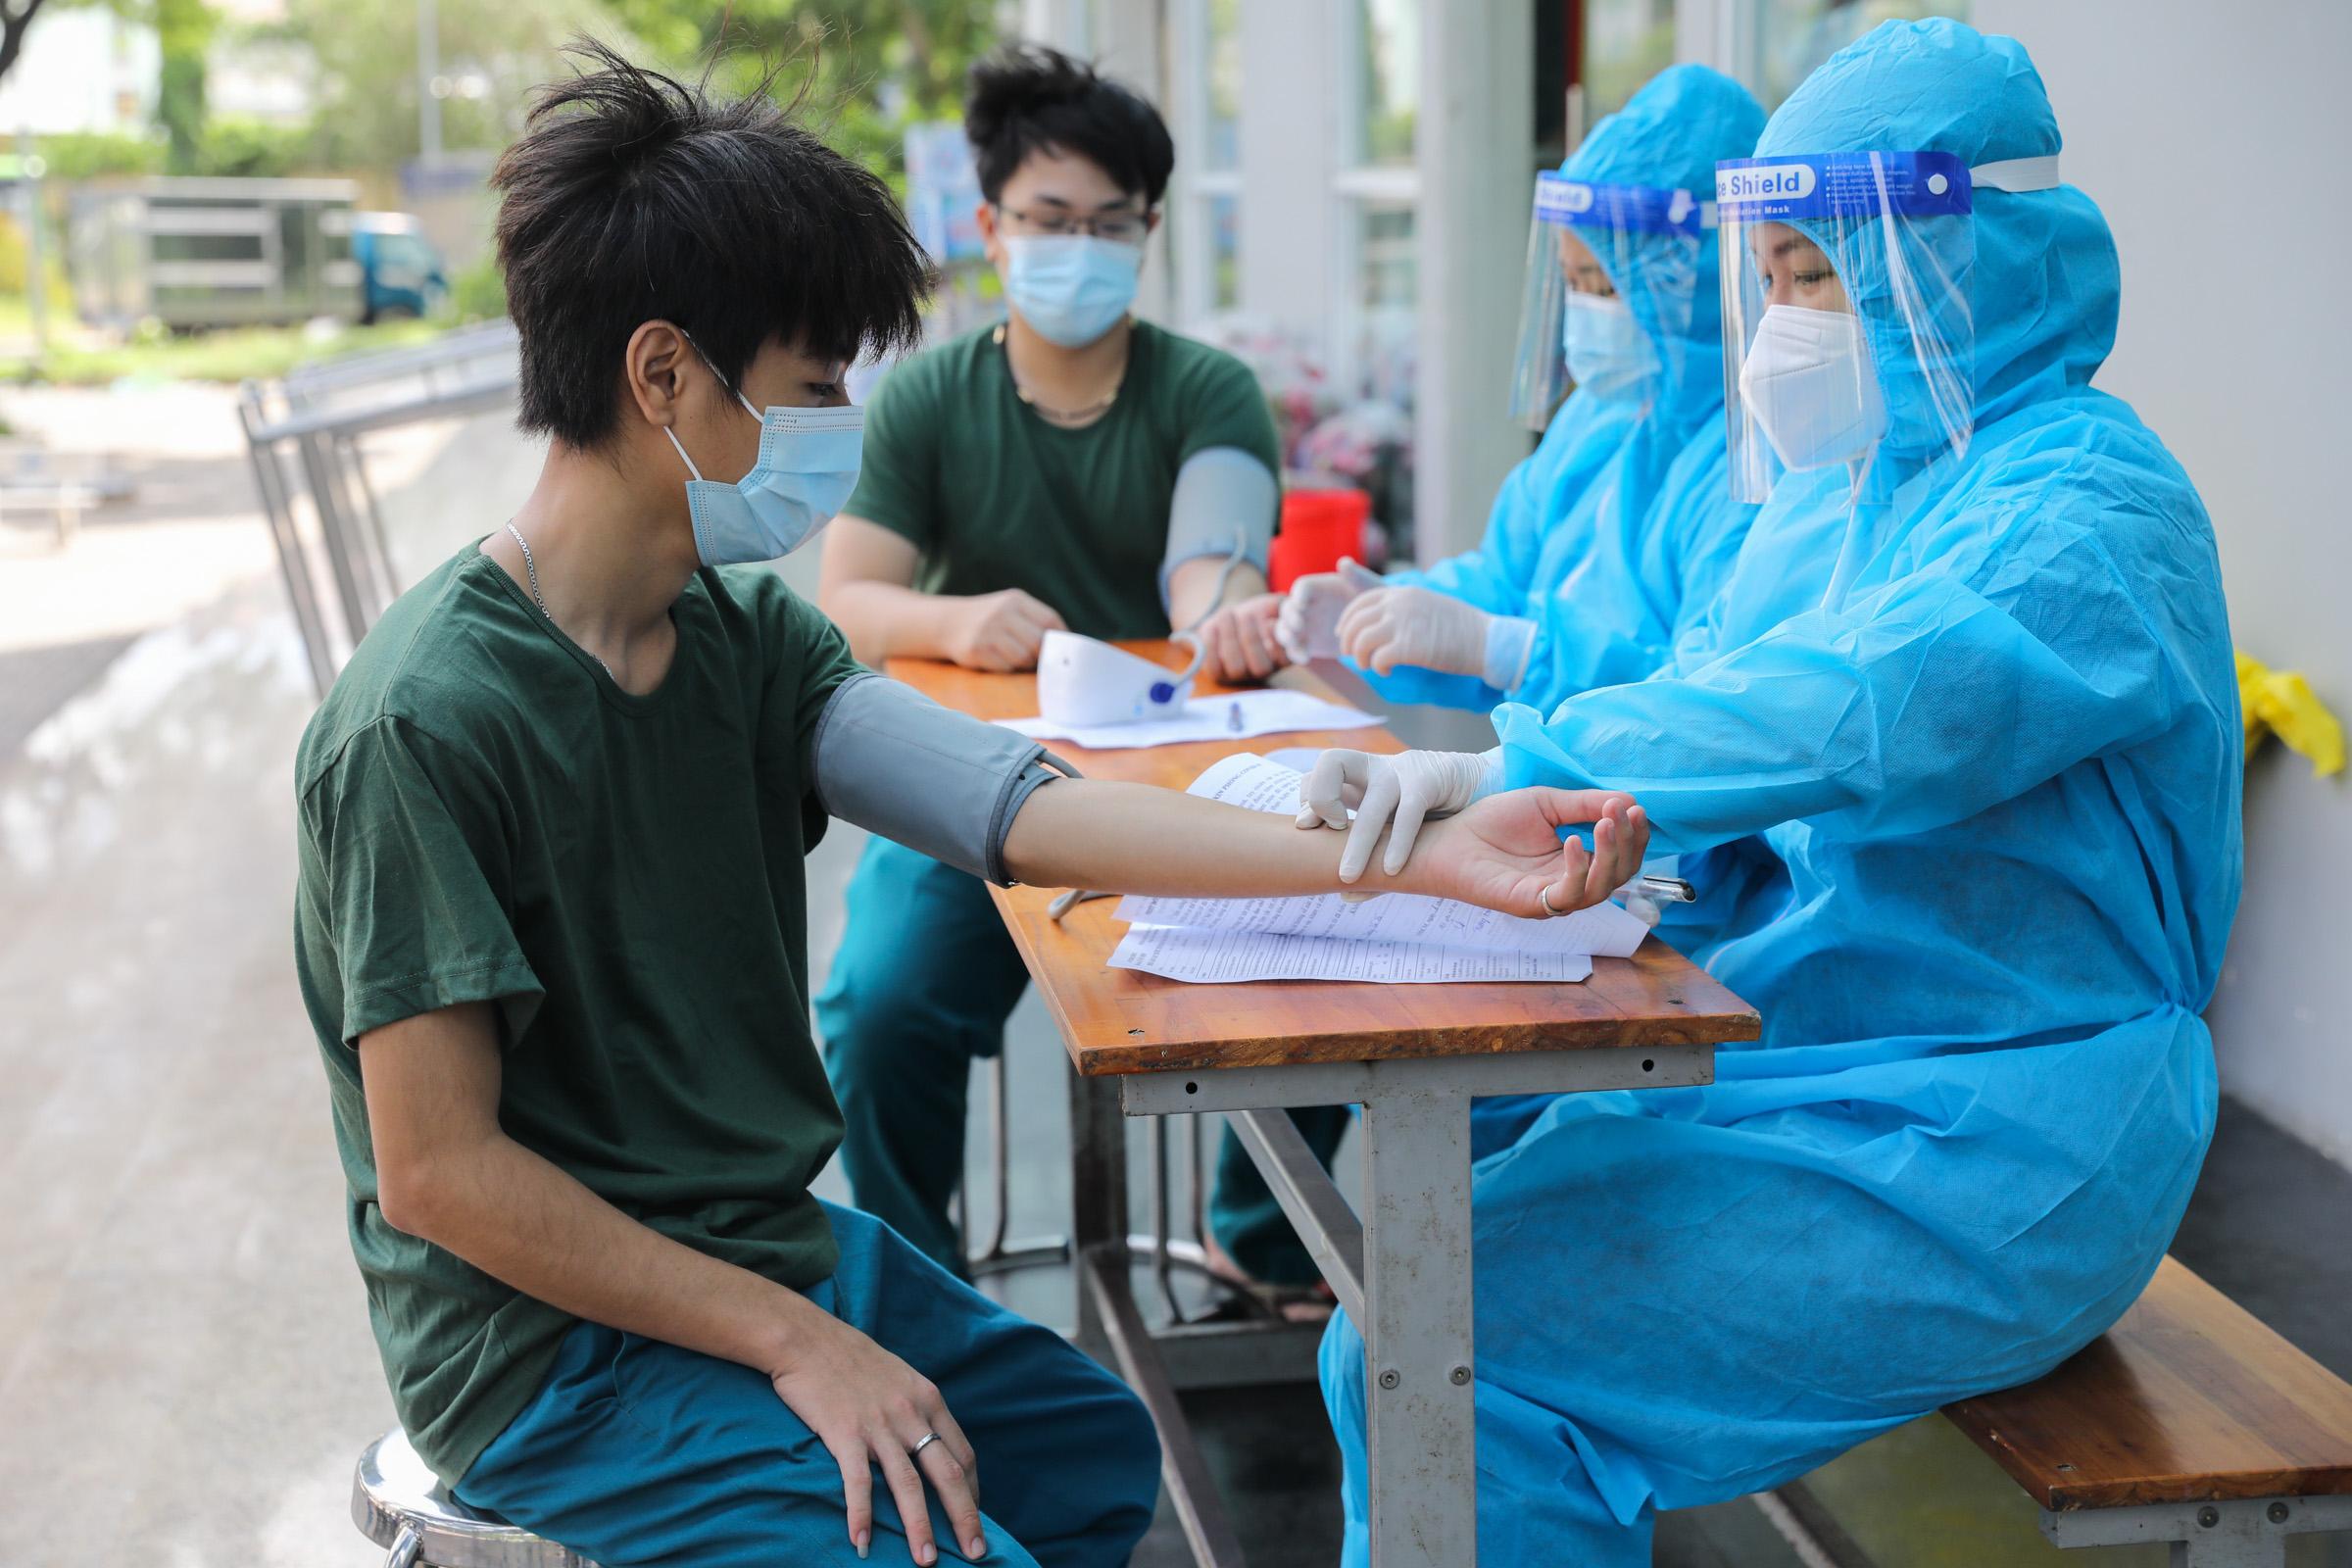 Tiêm vaccine Covid-19 lưu động tại TP Thủ Đức, ngày 1/8. Ảnh: Quỳnh Trần